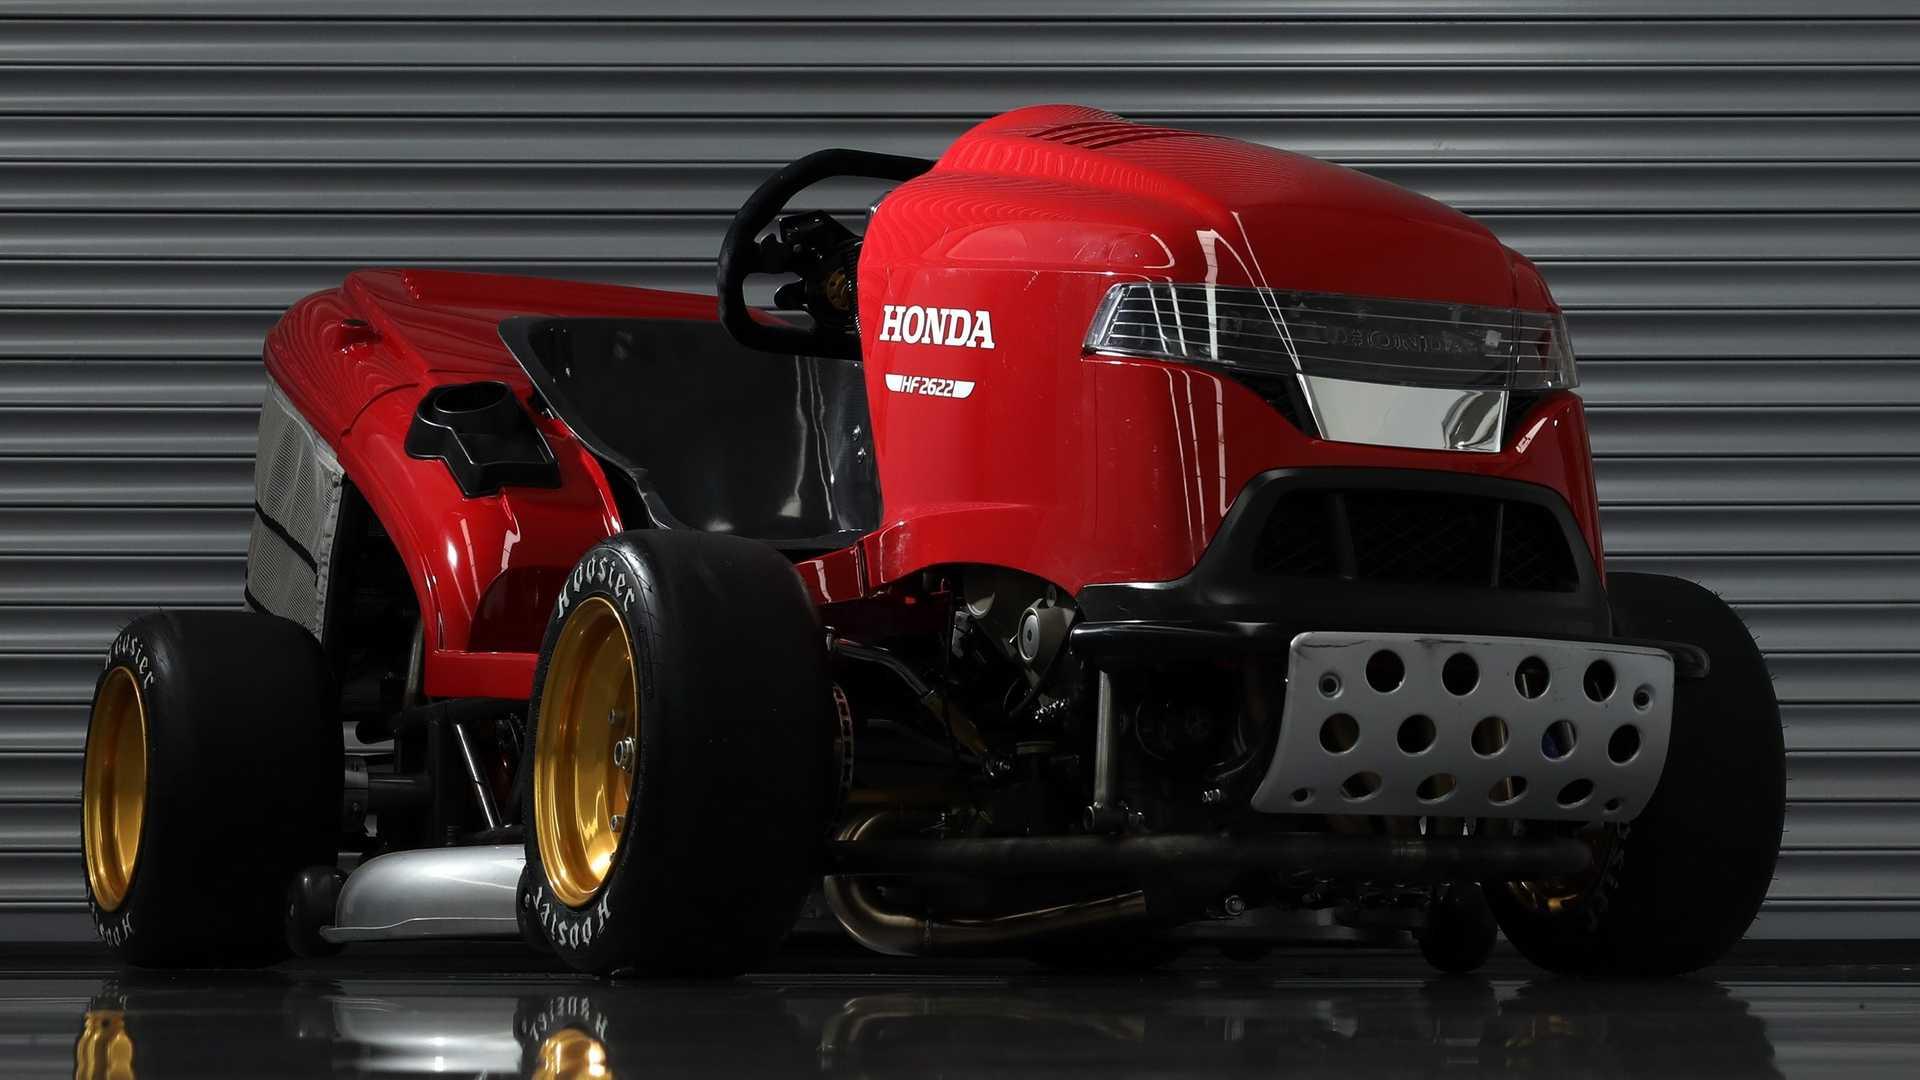 В настоящий момент компания «Хонда» ведет разработку новой модификации самой быстрой газонокосилки в мире Mean Mower